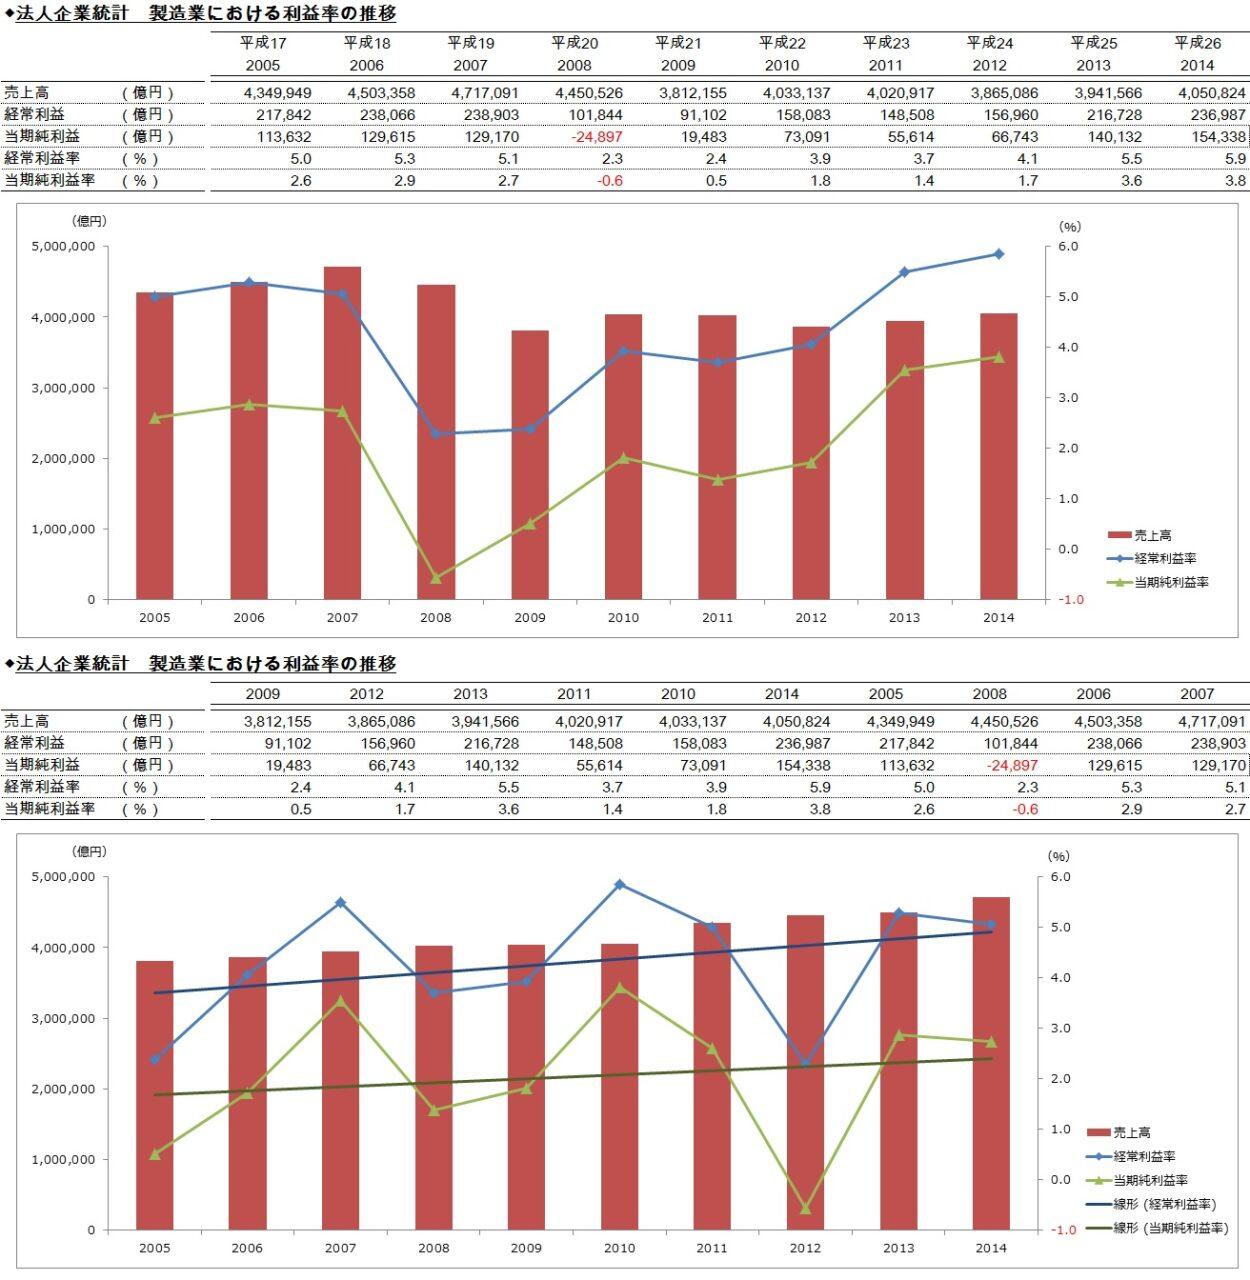 20170508_法人企業統計_製造業における売上高利益率の推移